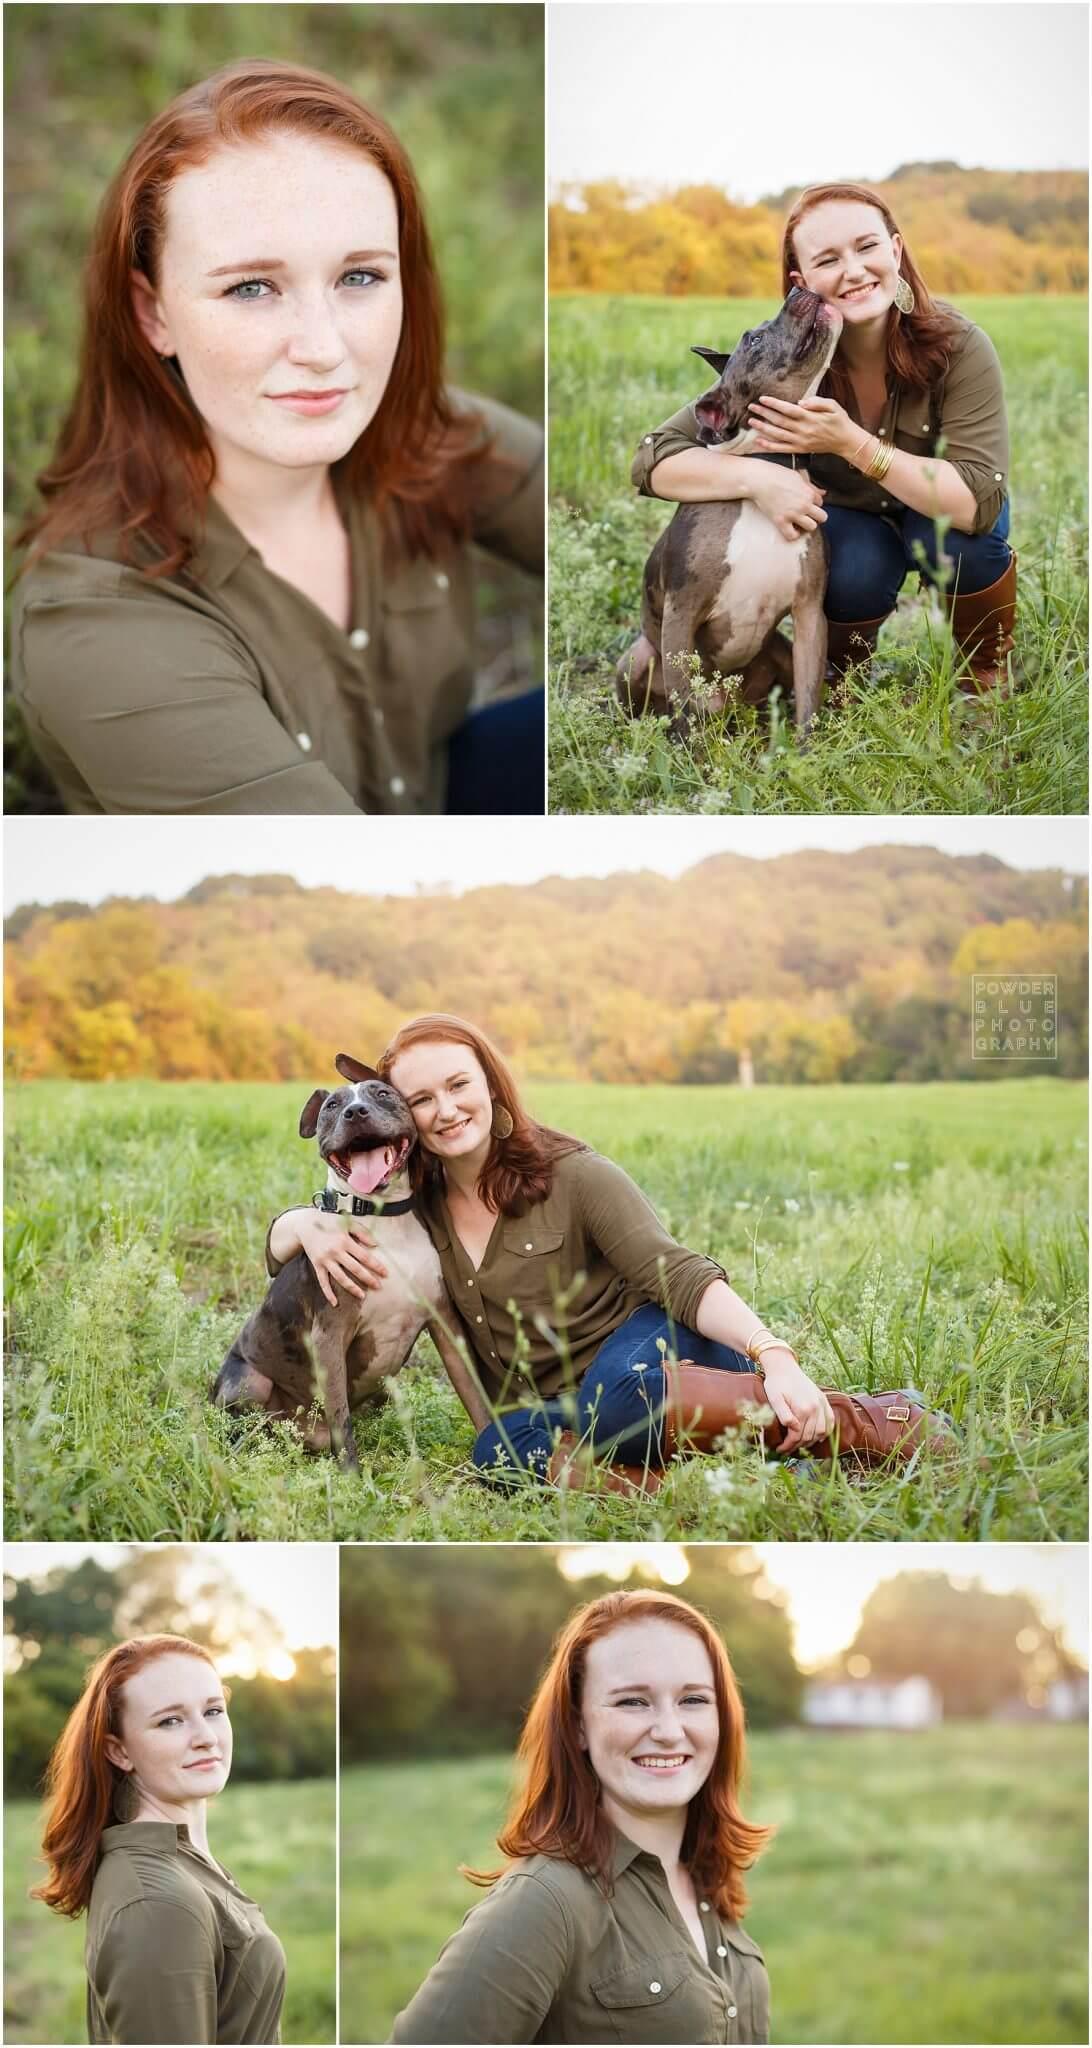 mt lebanon pittsburgh senior portrait inside of senior portrait in field with dog in pittsbugg